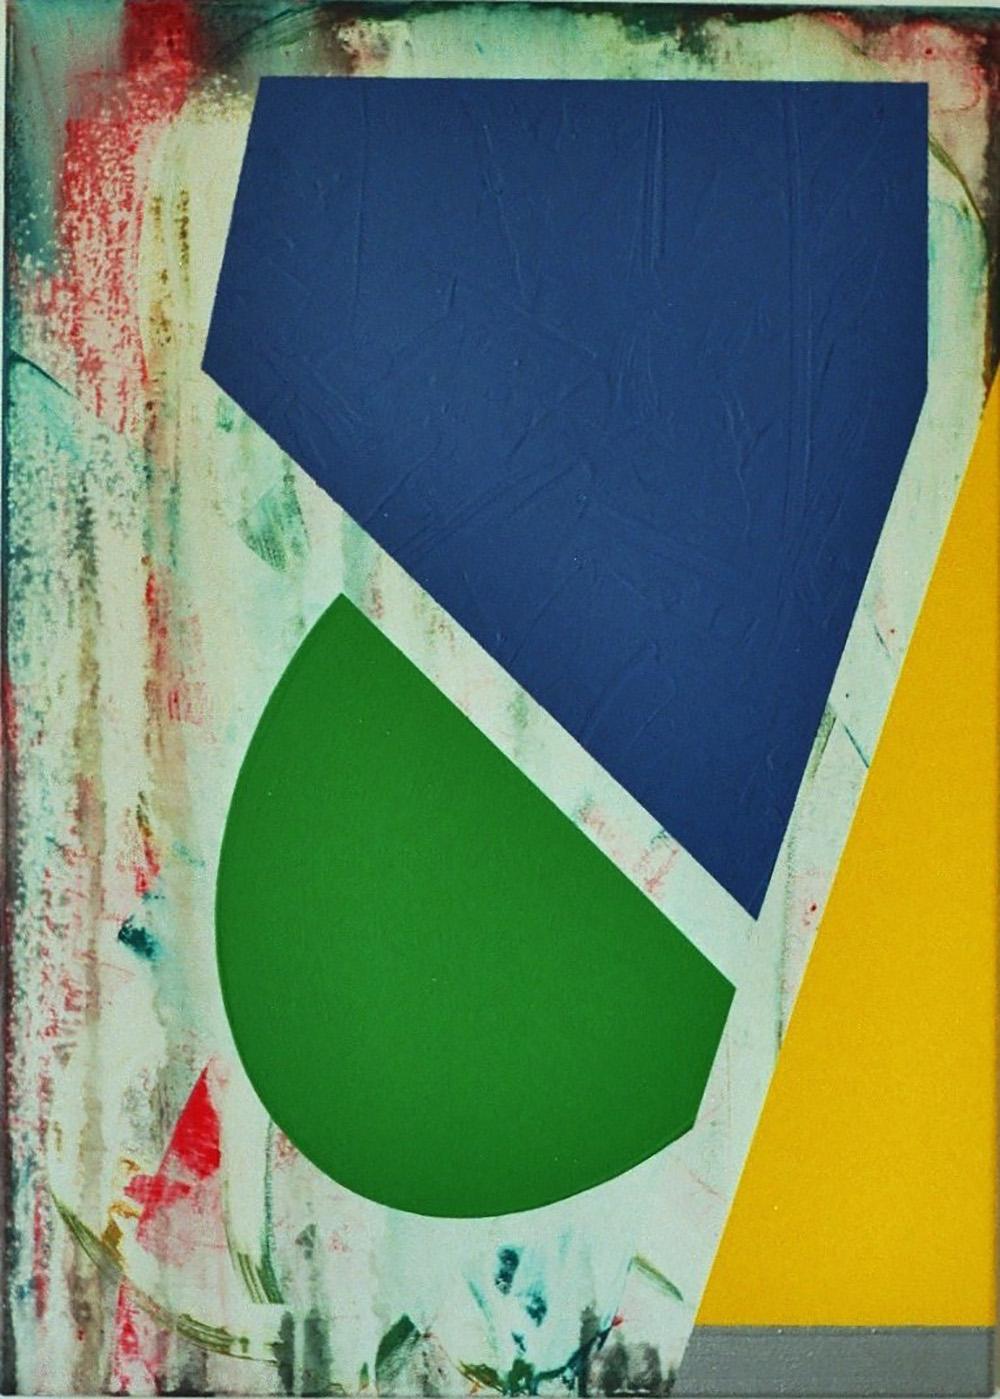 Bild-125 | Acryl auf Leinwand | 2010 | 70 x 50 cm